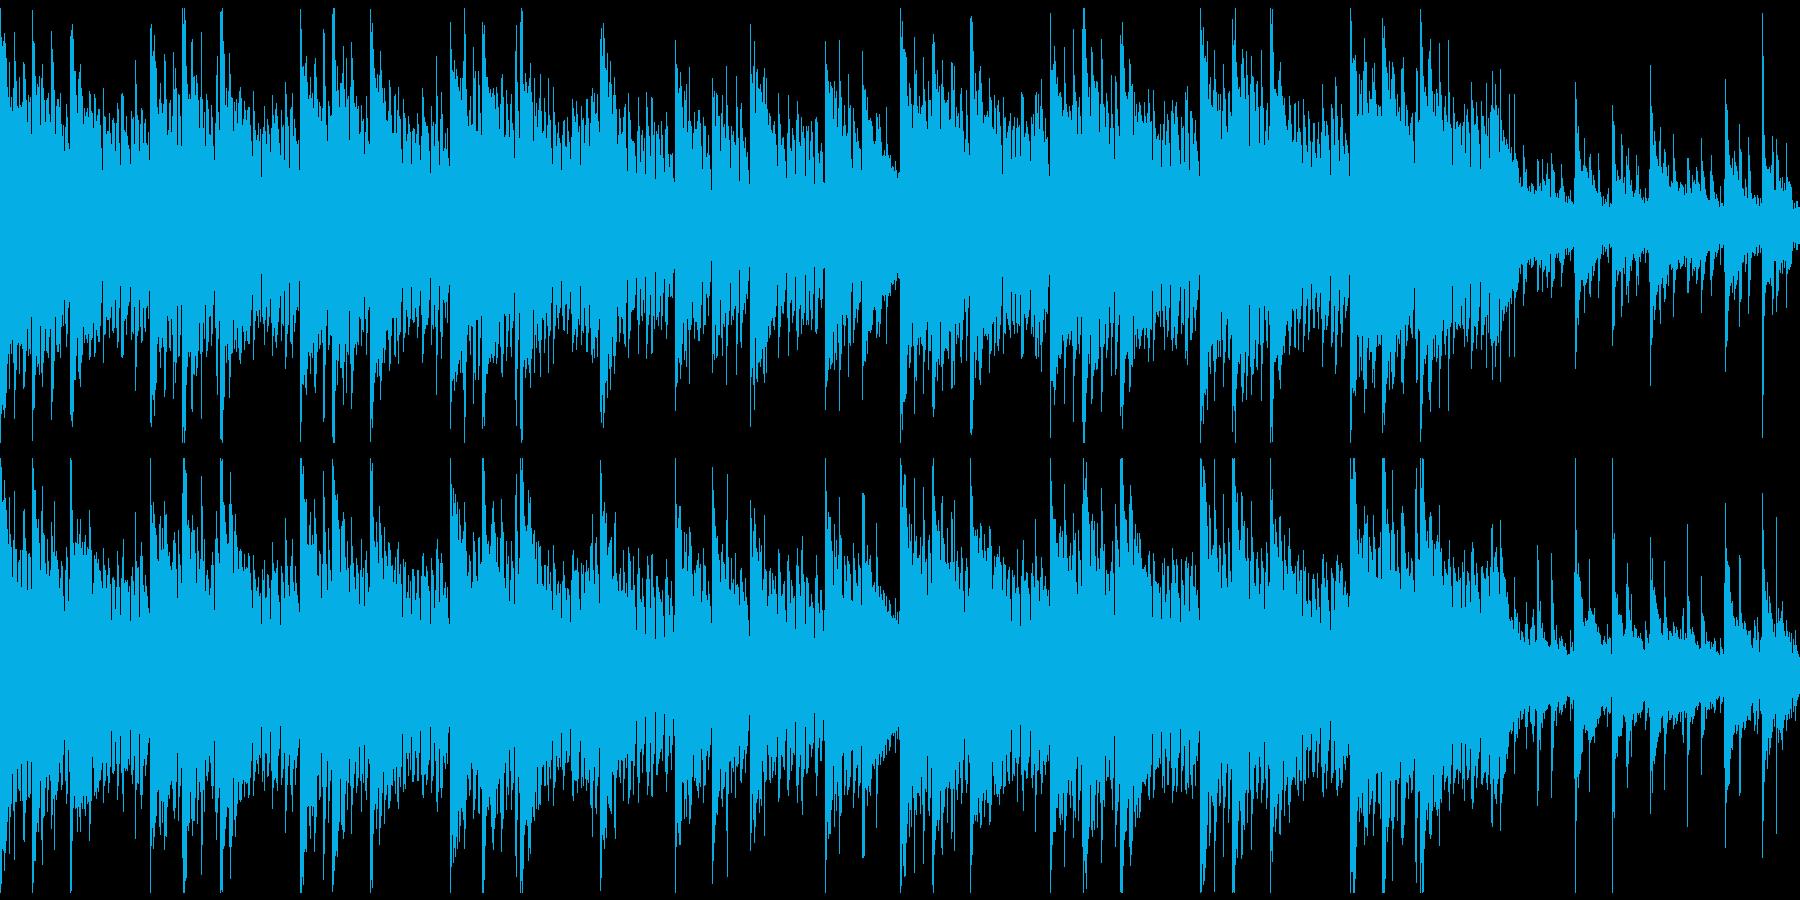 クールな映像向け、洗練された、ループの再生済みの波形